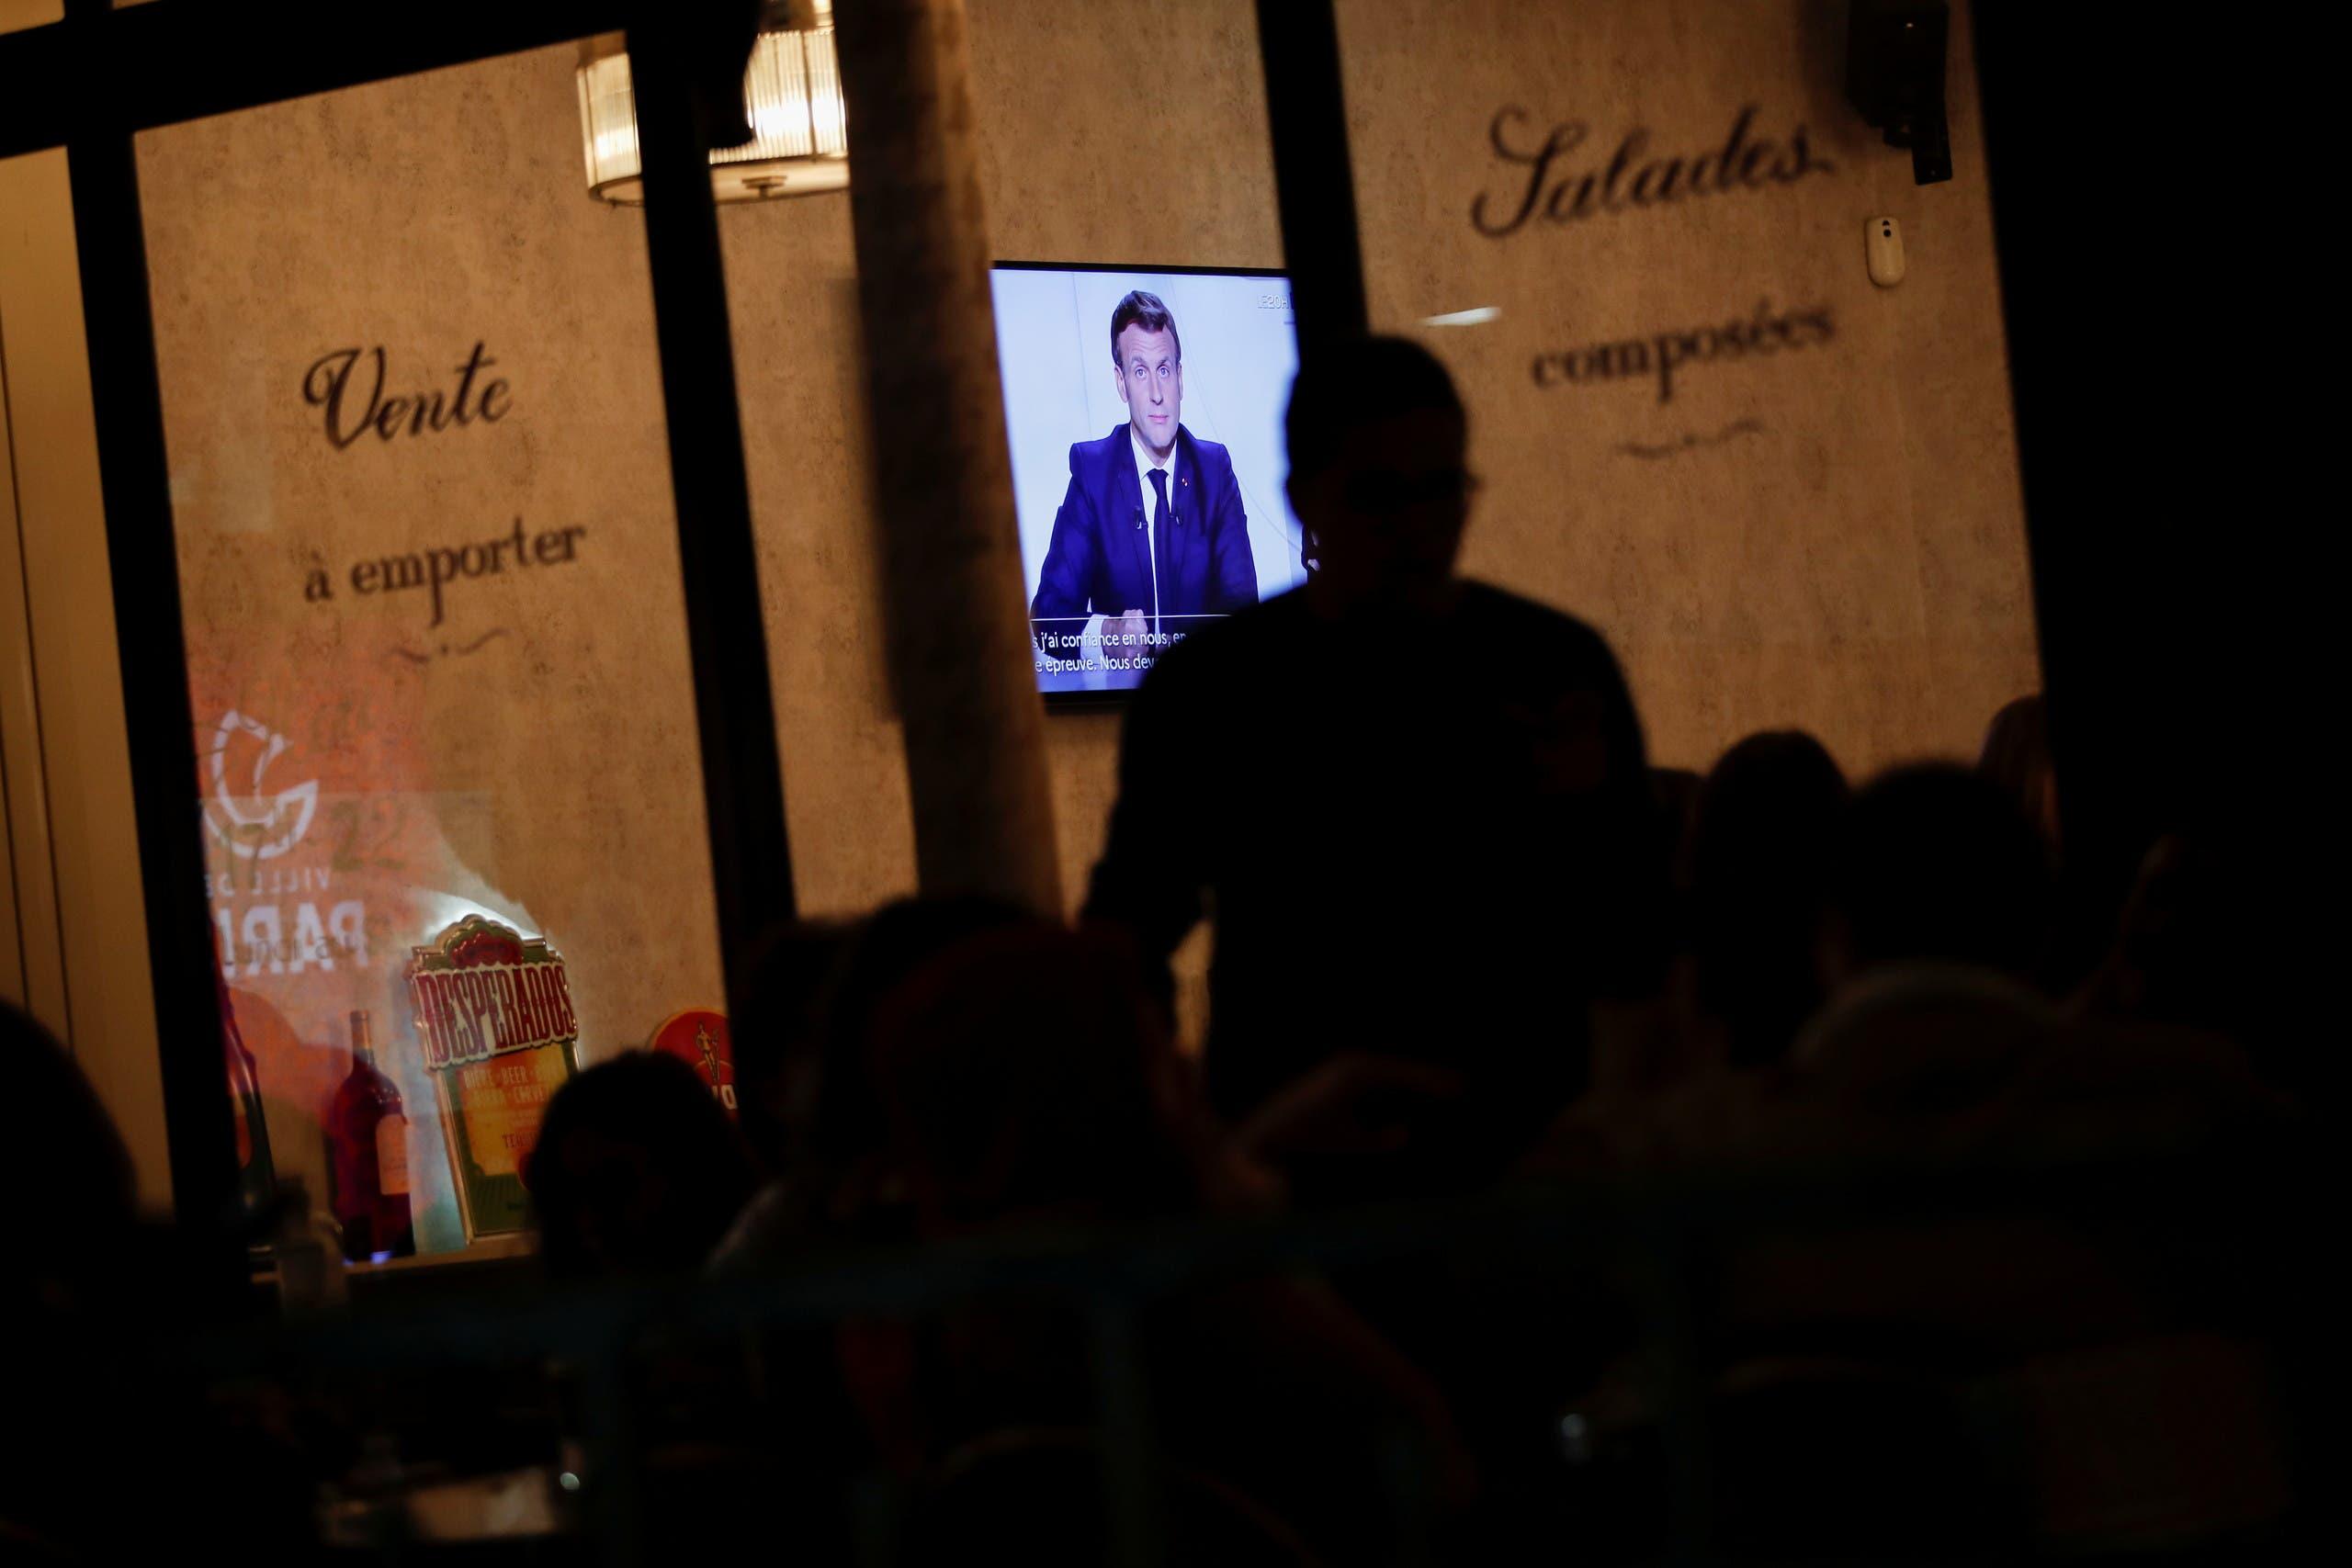 فرنسيون يستمعون إلى كلمة ماكرون في أحد مقاهي باريس قبل الإقفال